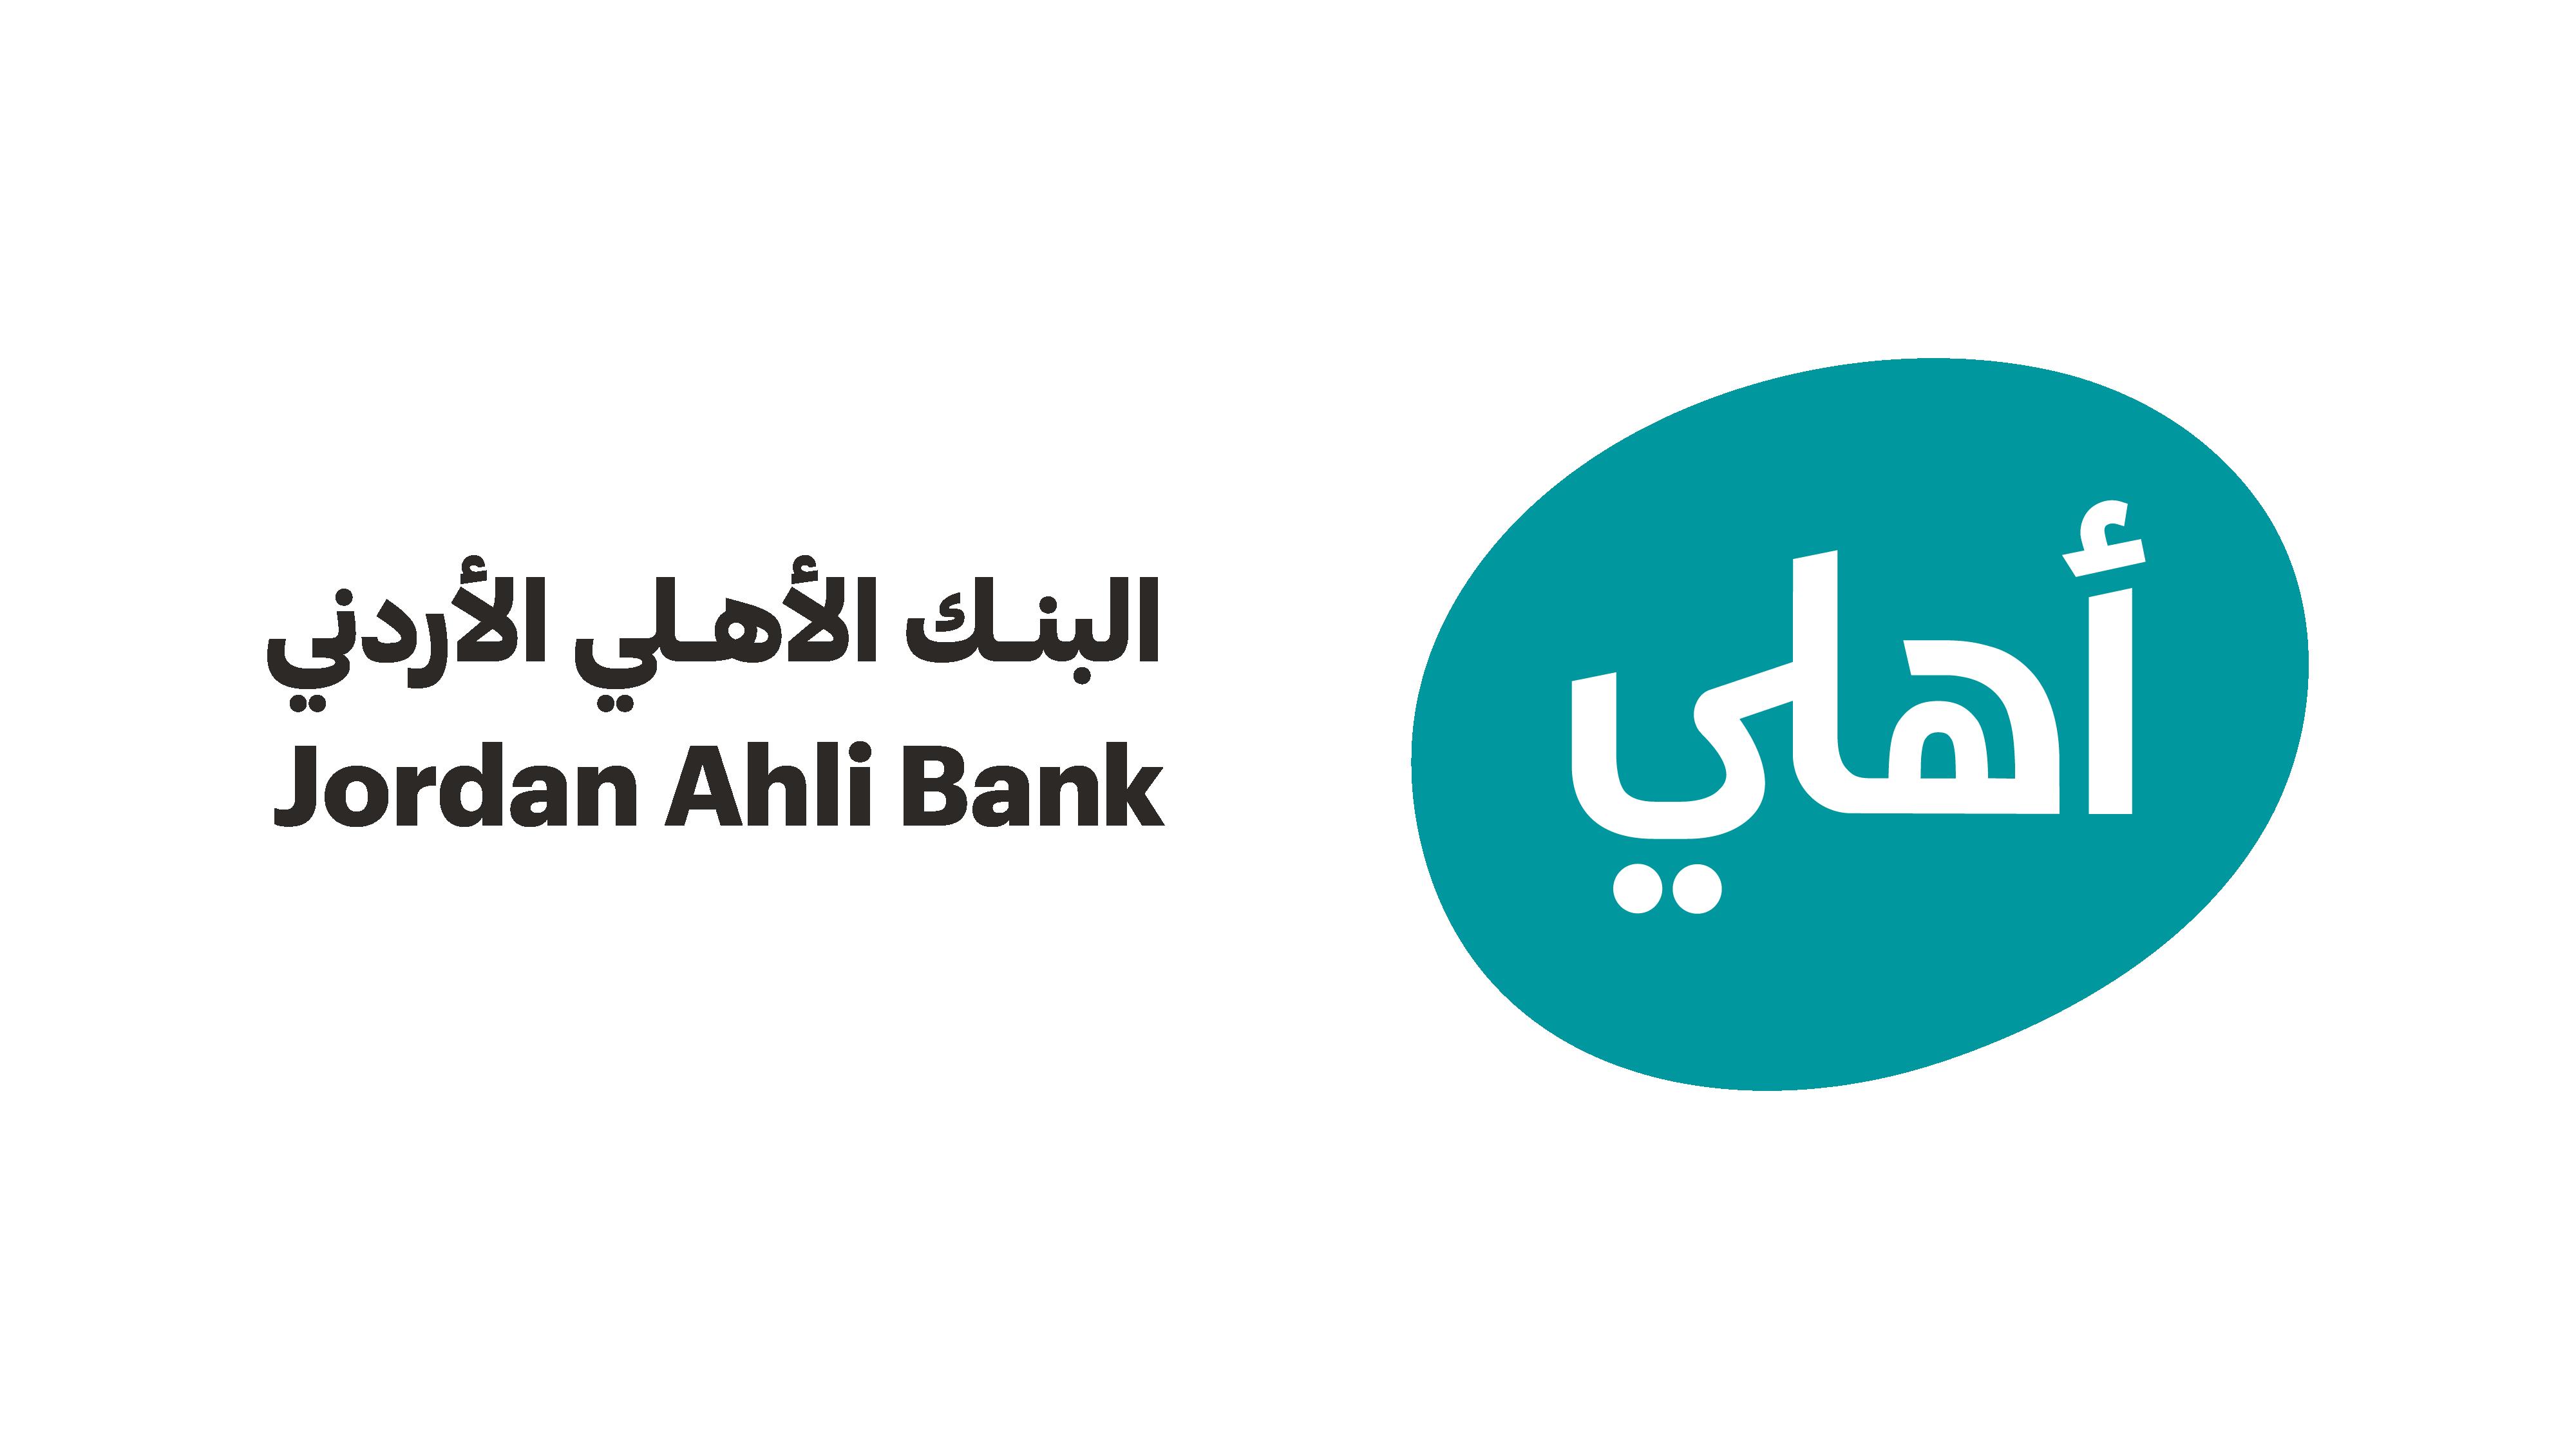 البنك الأهلي الأردني يدعم حملة وزارة التنمية الاجتماعية لمساعدة الأسر العفيفة خلال شهر رمضان المبارك